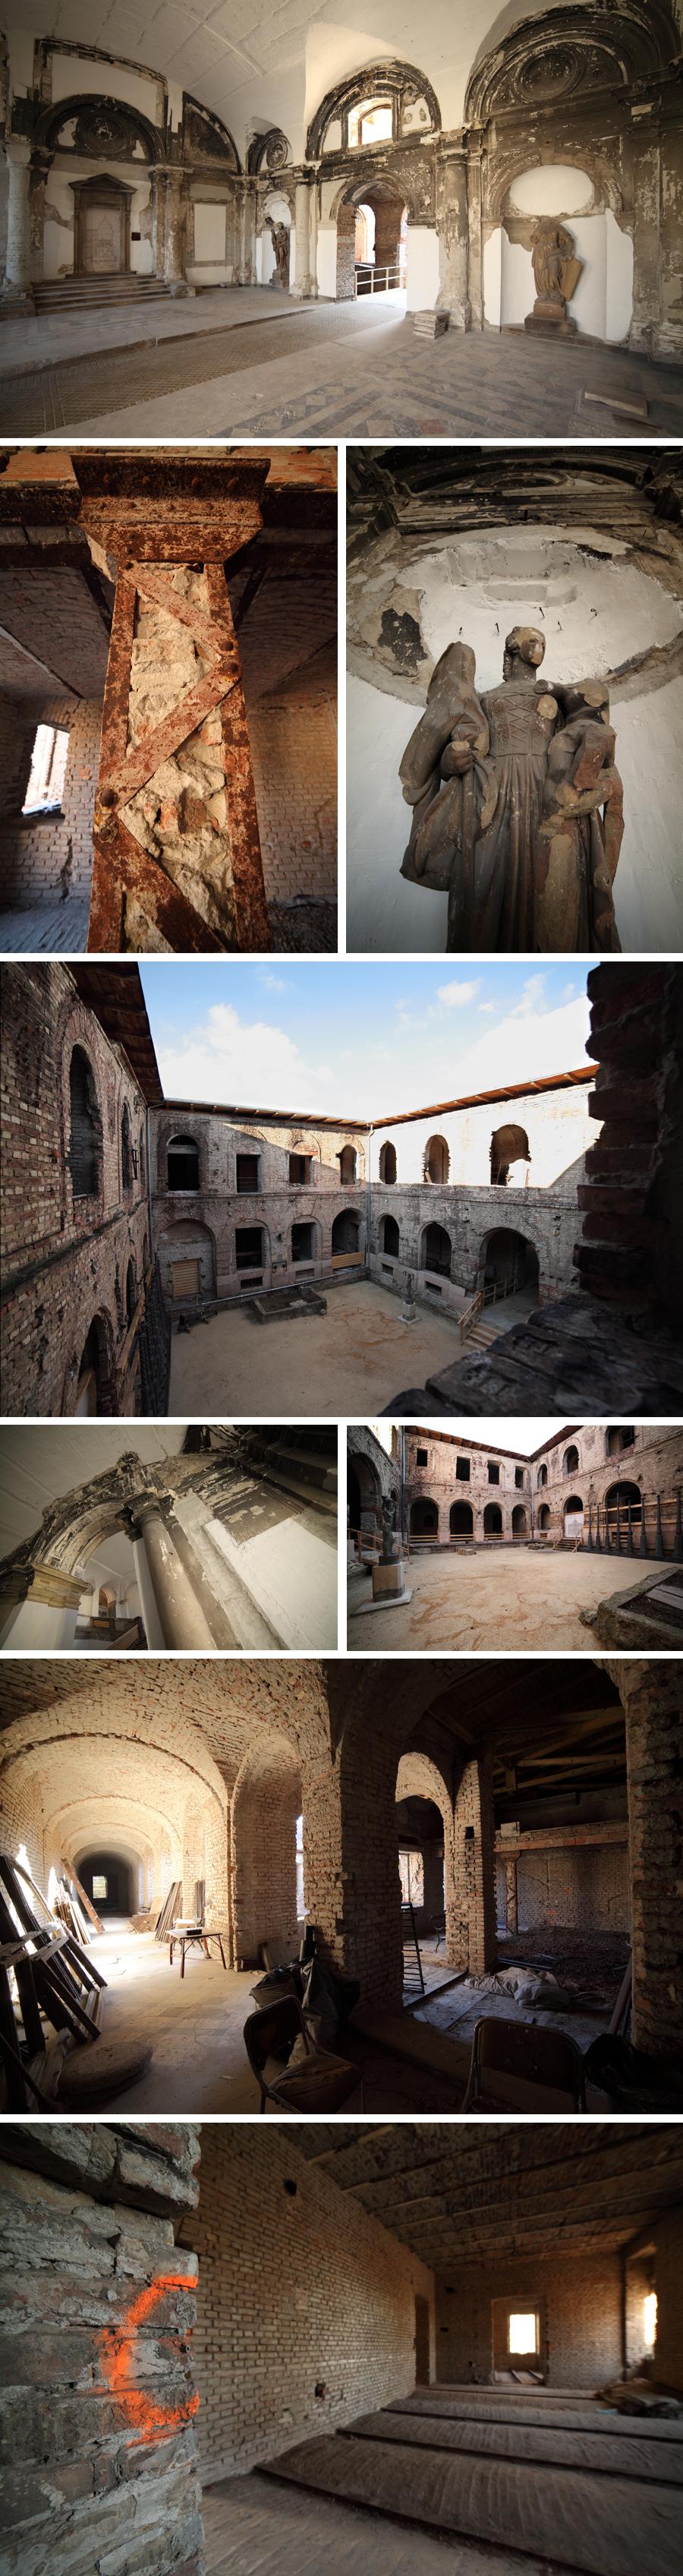 http://www.muemlekem.hu/images/magazin/20121010honvedfp/allo.jpg